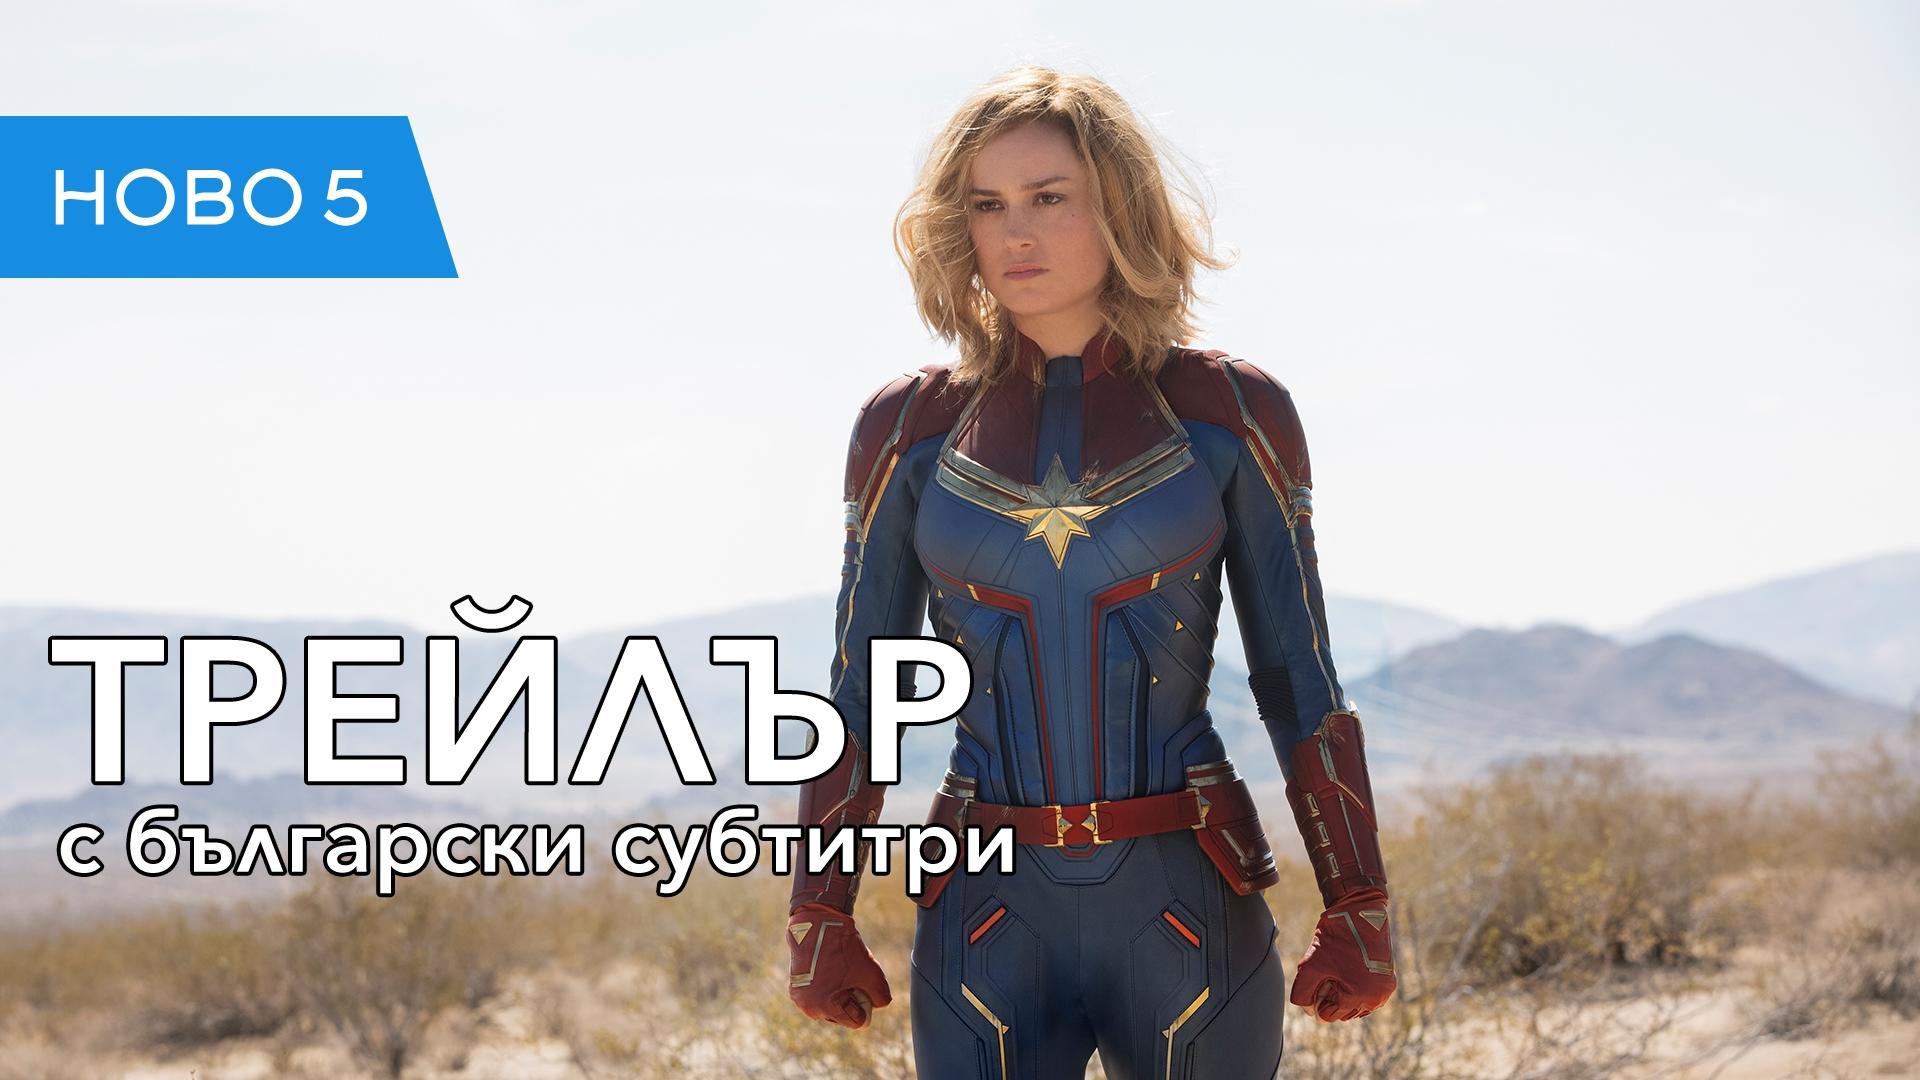 Капитан Марвел (2019) втори трейлър с български субтитри